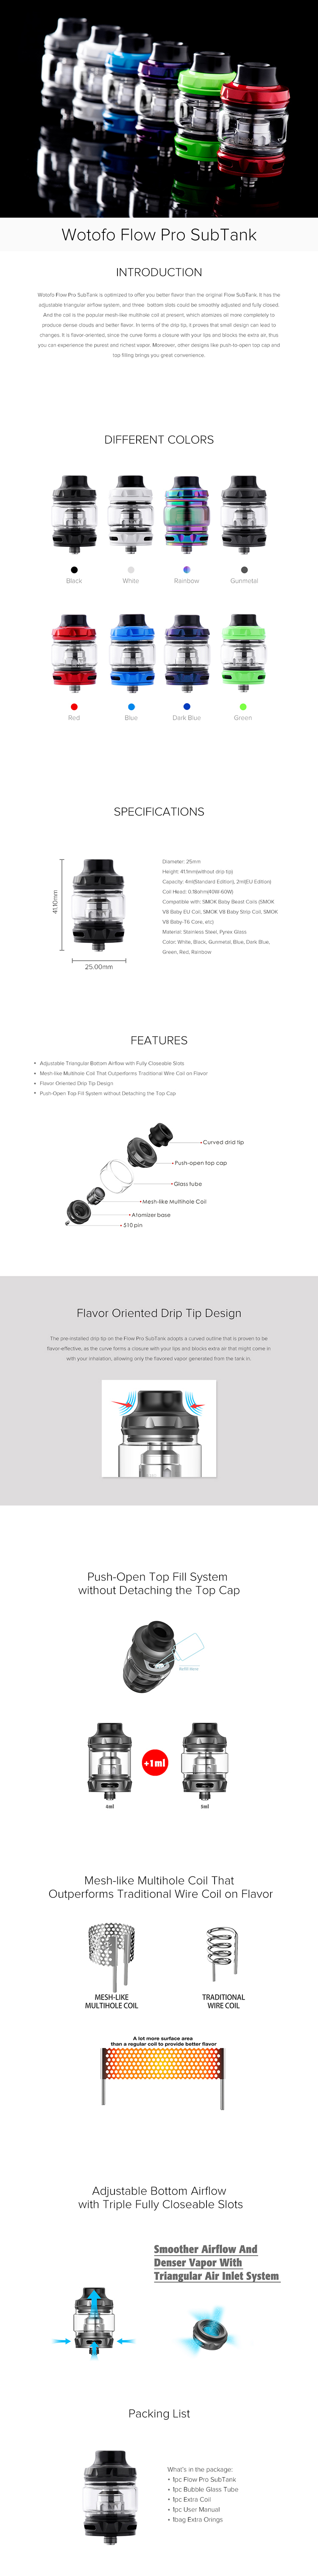 Wotofo Flow Pro SubTank Atomizer